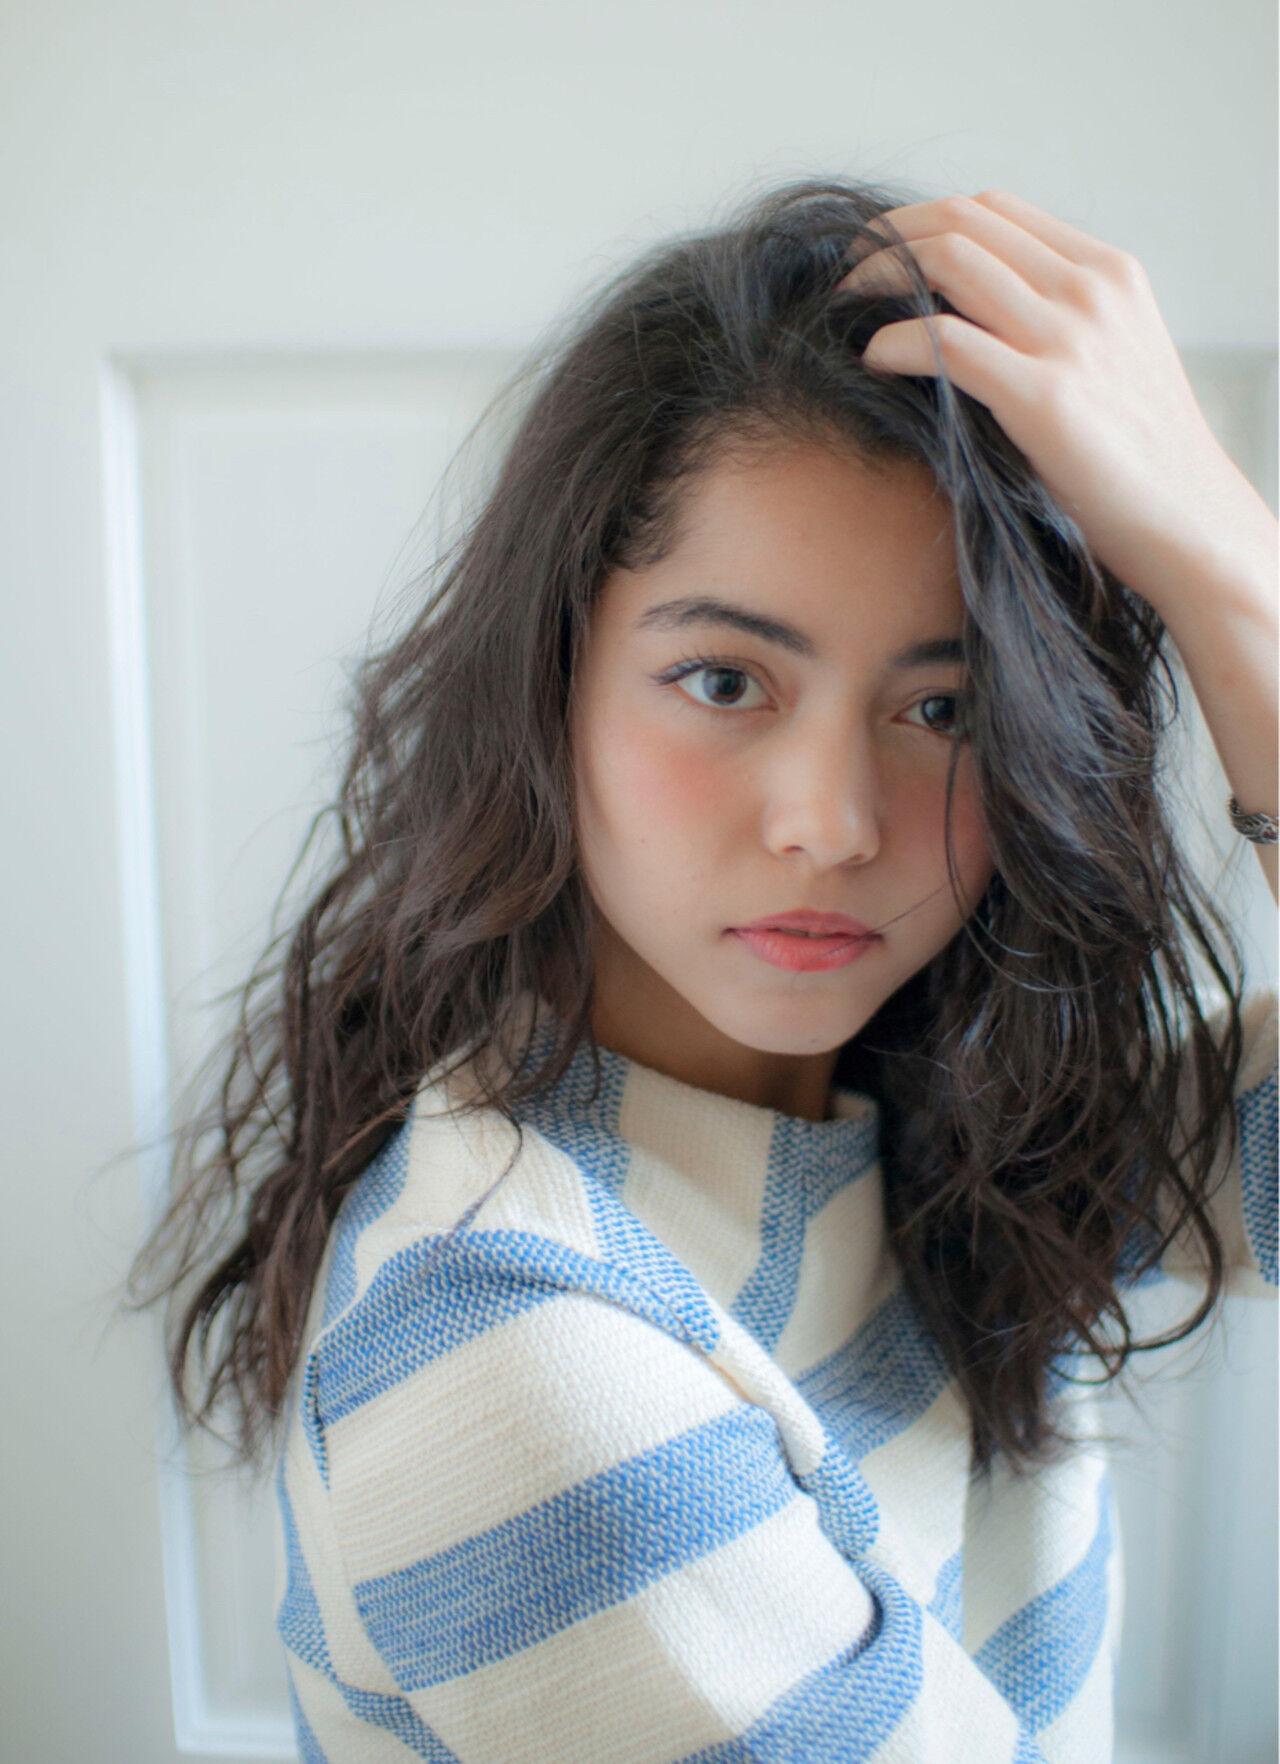 ウェーブ パーマ 外国人風 セミロングヘアスタイルや髪型の写真・画像